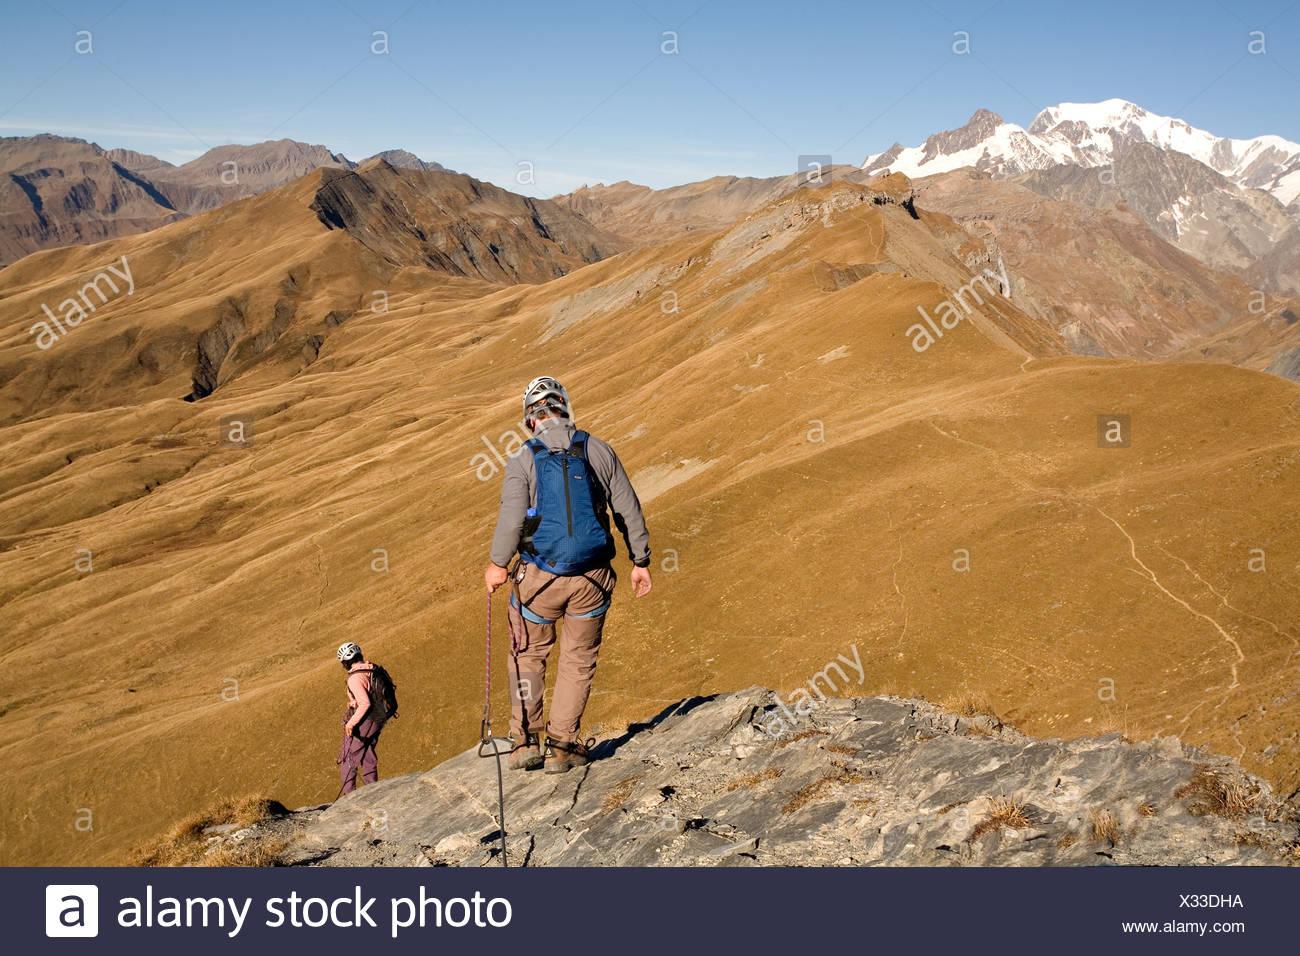 Deux personnes en ordre décroissant d'une falaise tout en s'engageant dans le sport de la Via Ferrata dans les Alpes françaises. Photo Stock